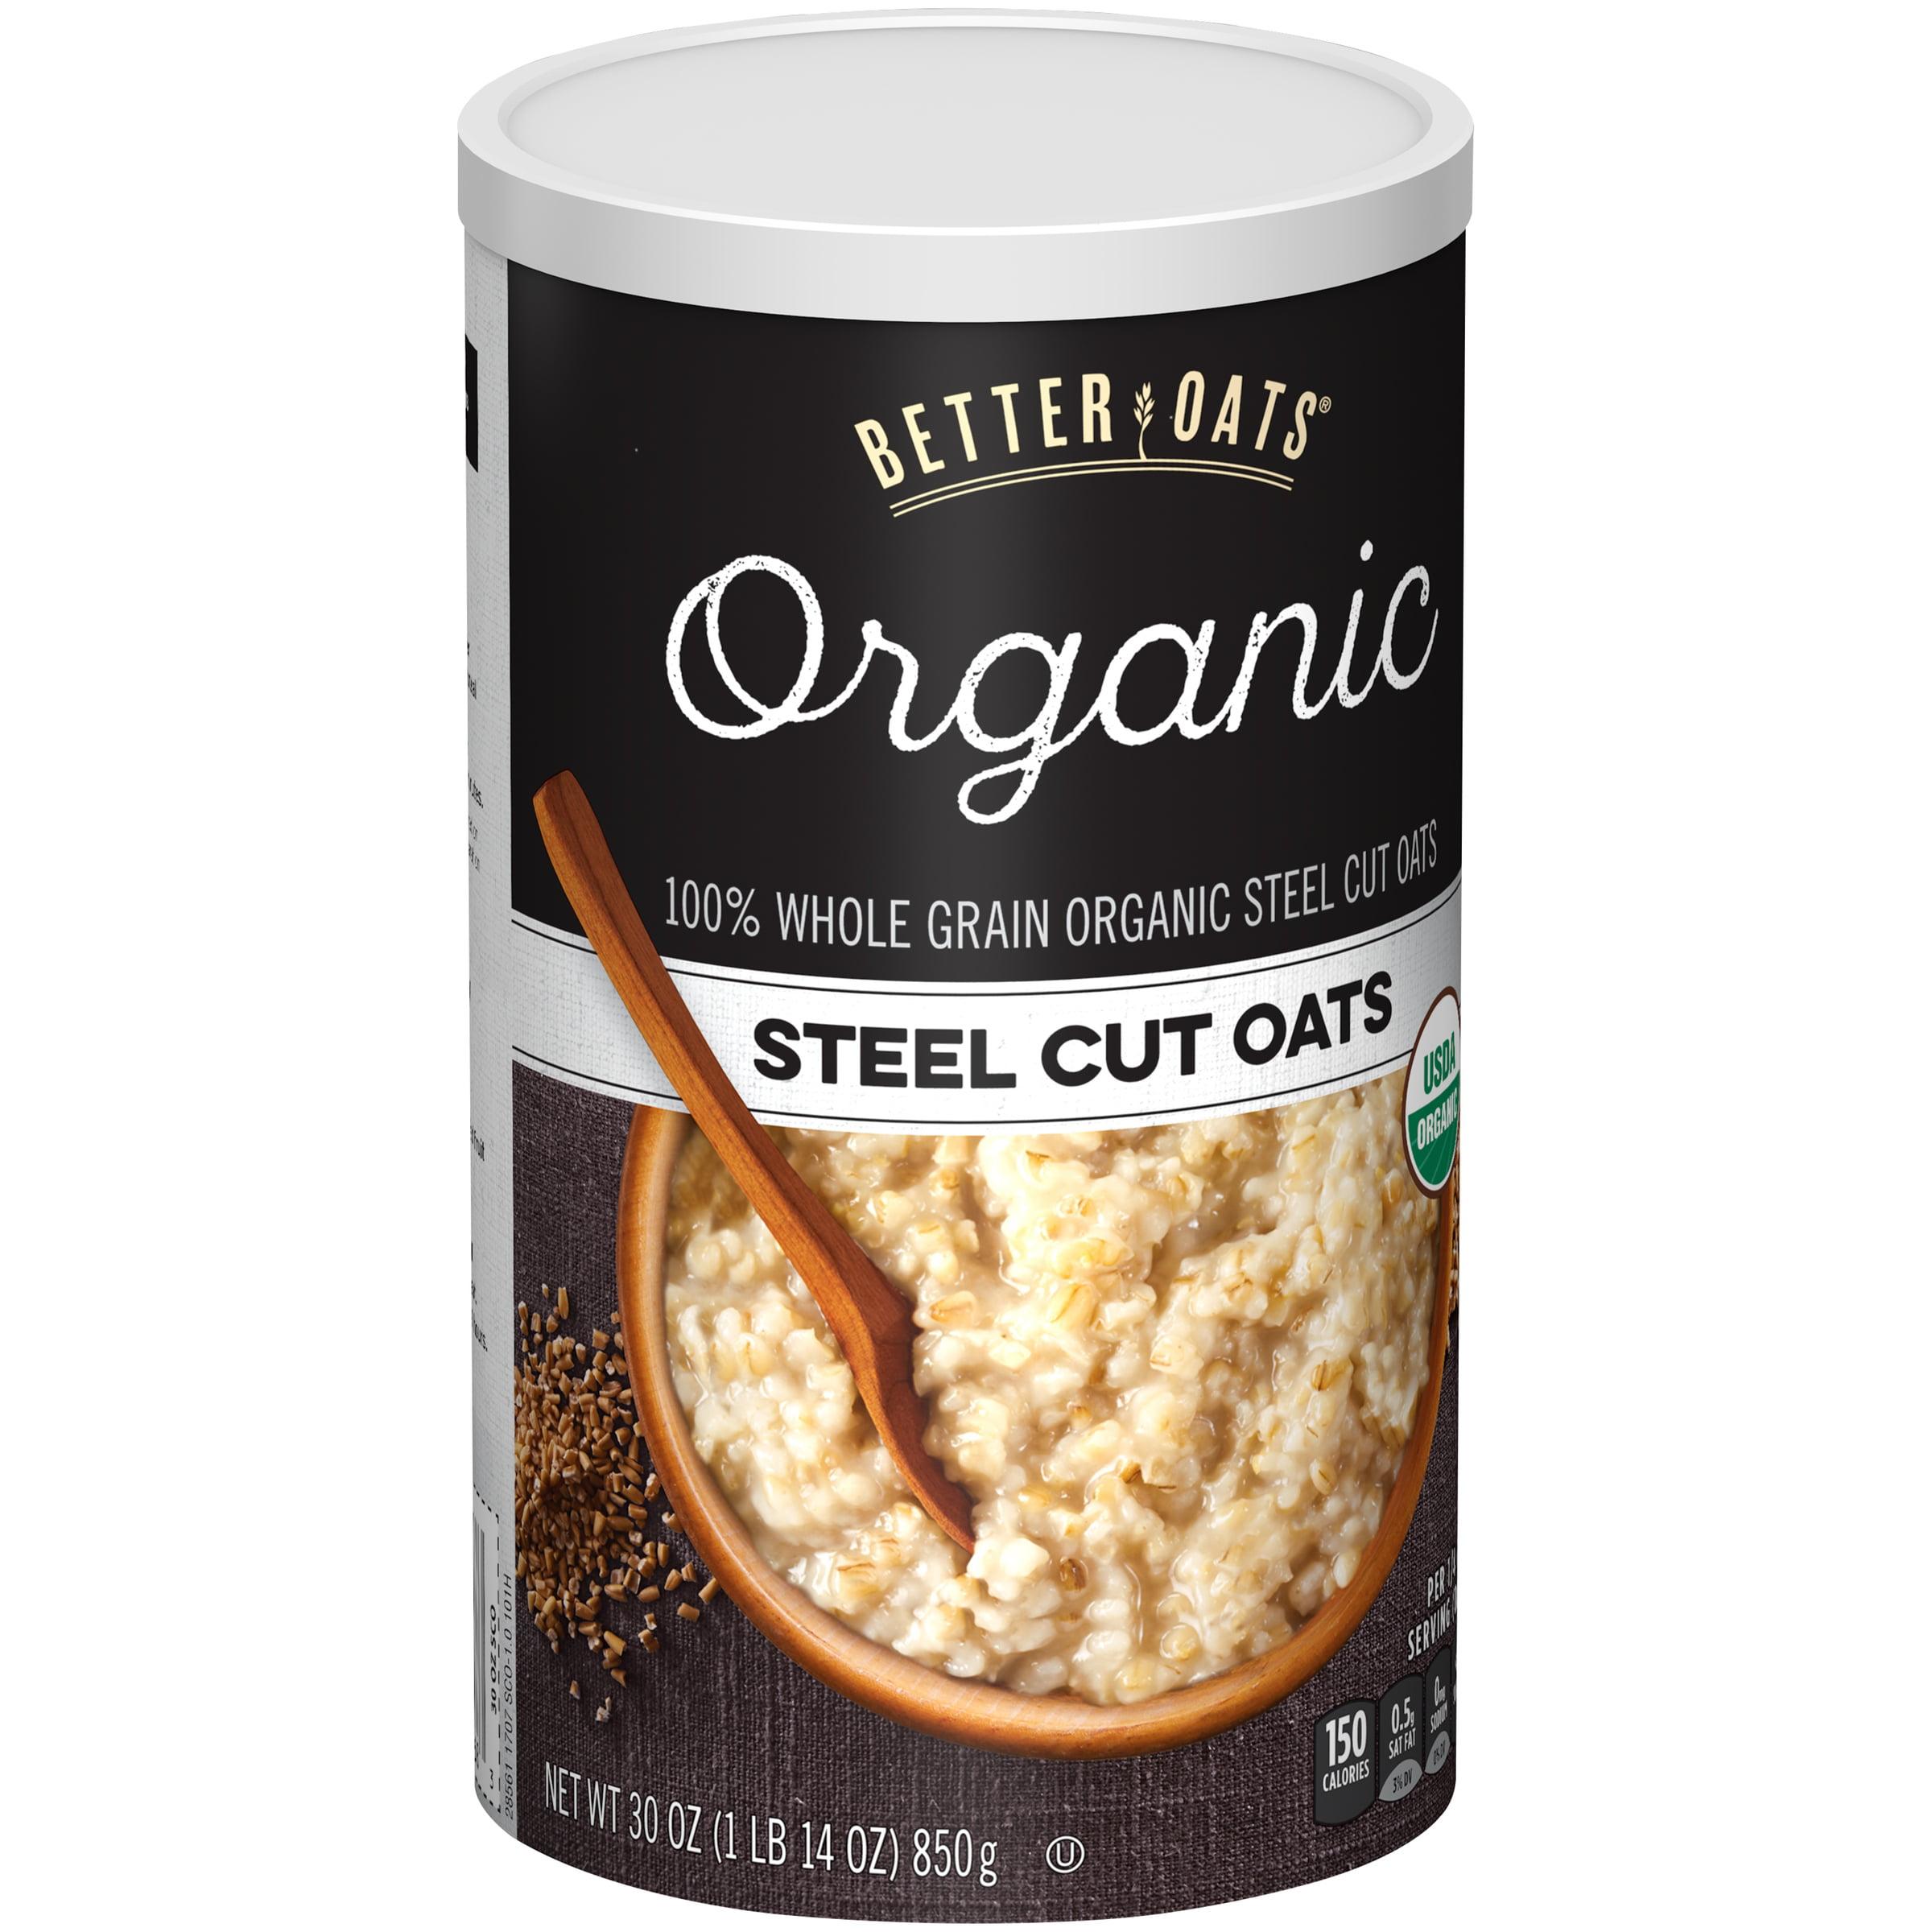 Better Oats® Organic Steel Cut Oats 30 oz. Canister